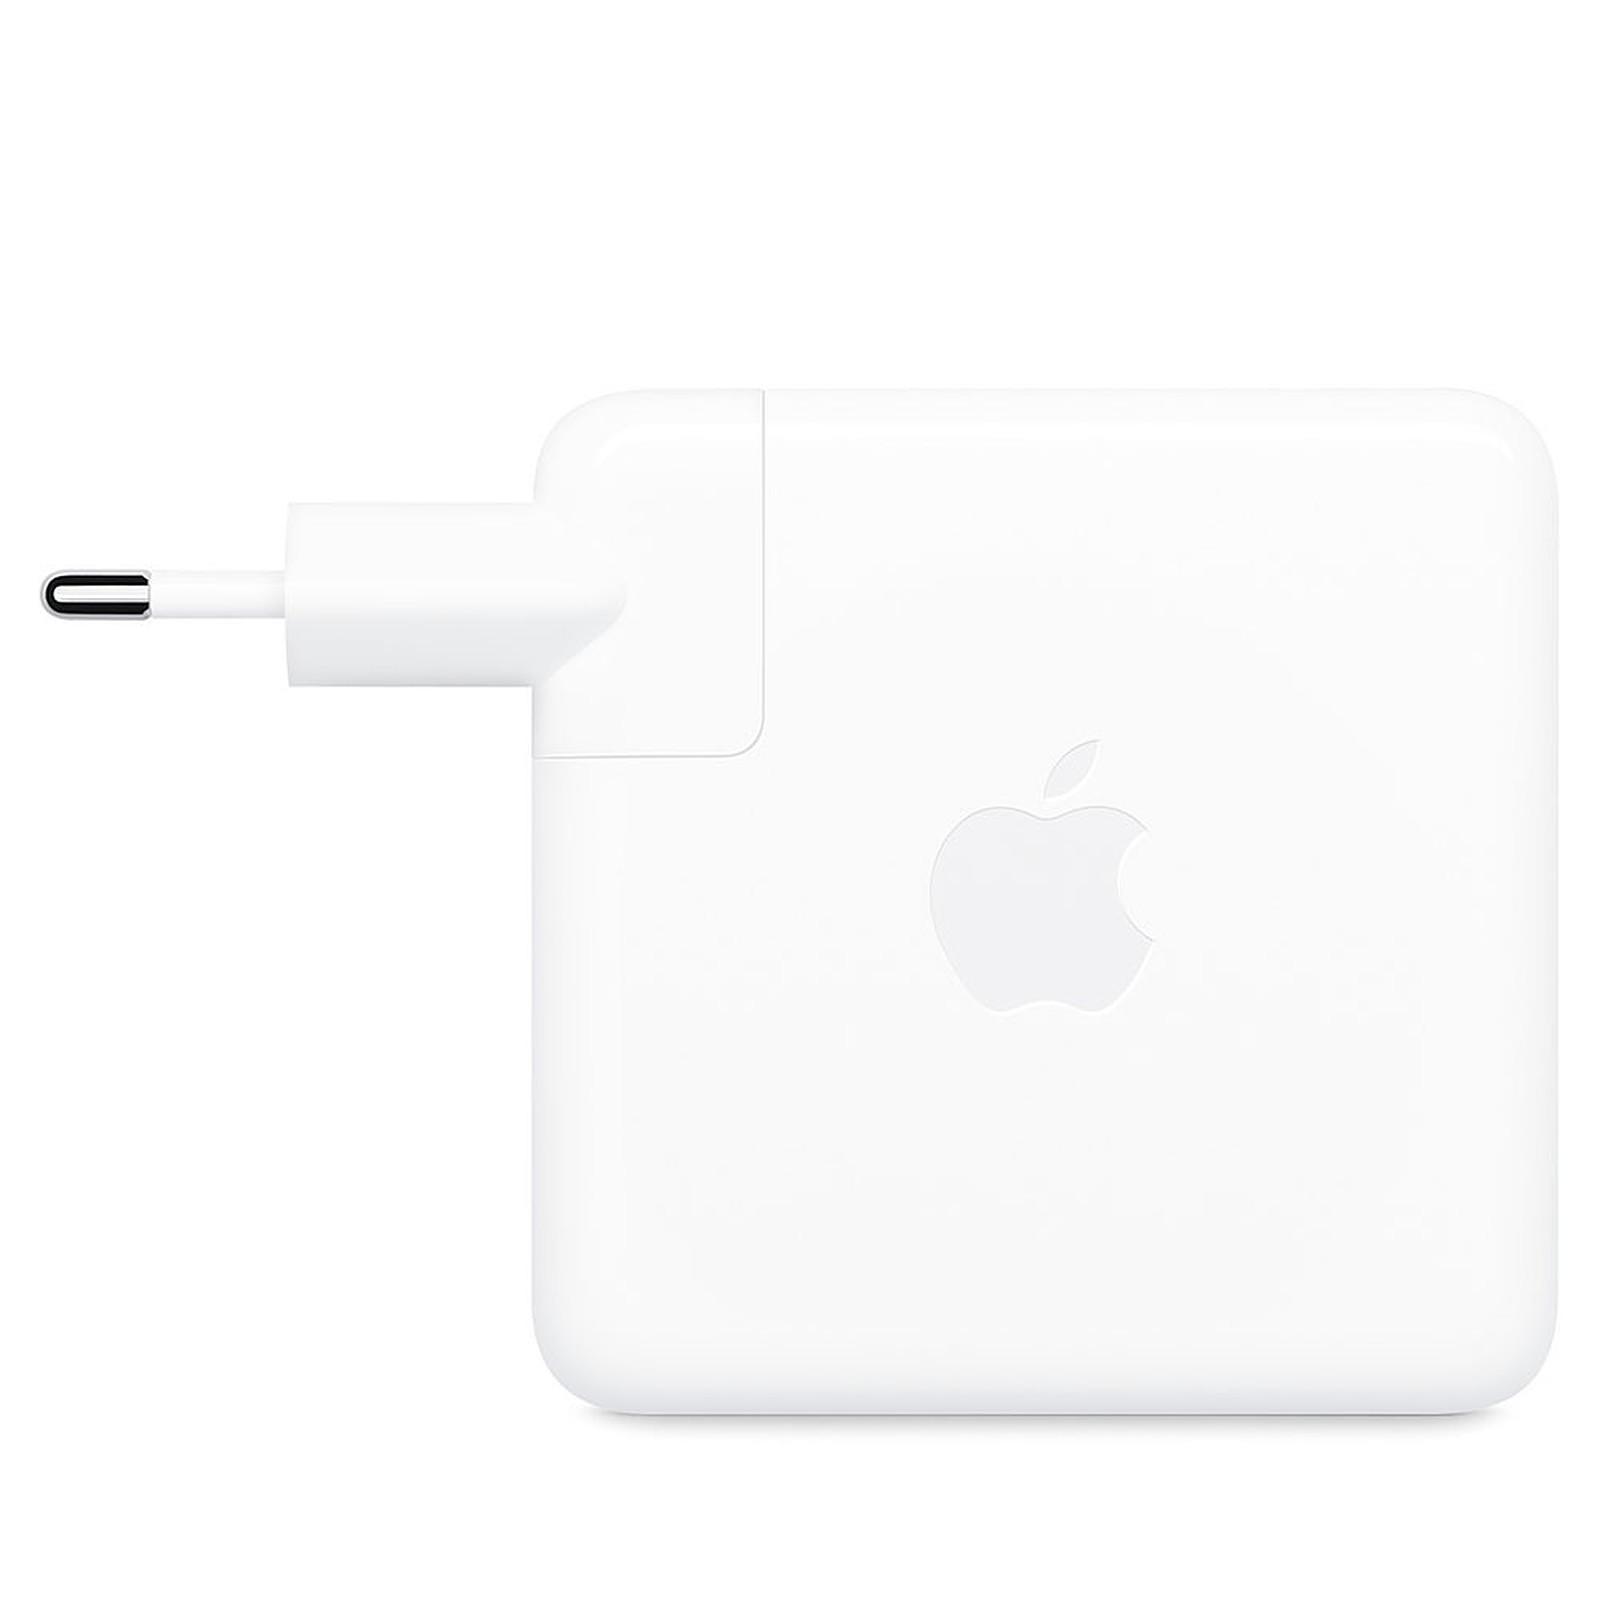 Apple Adaptateur secteur USB-C 96W Blanc